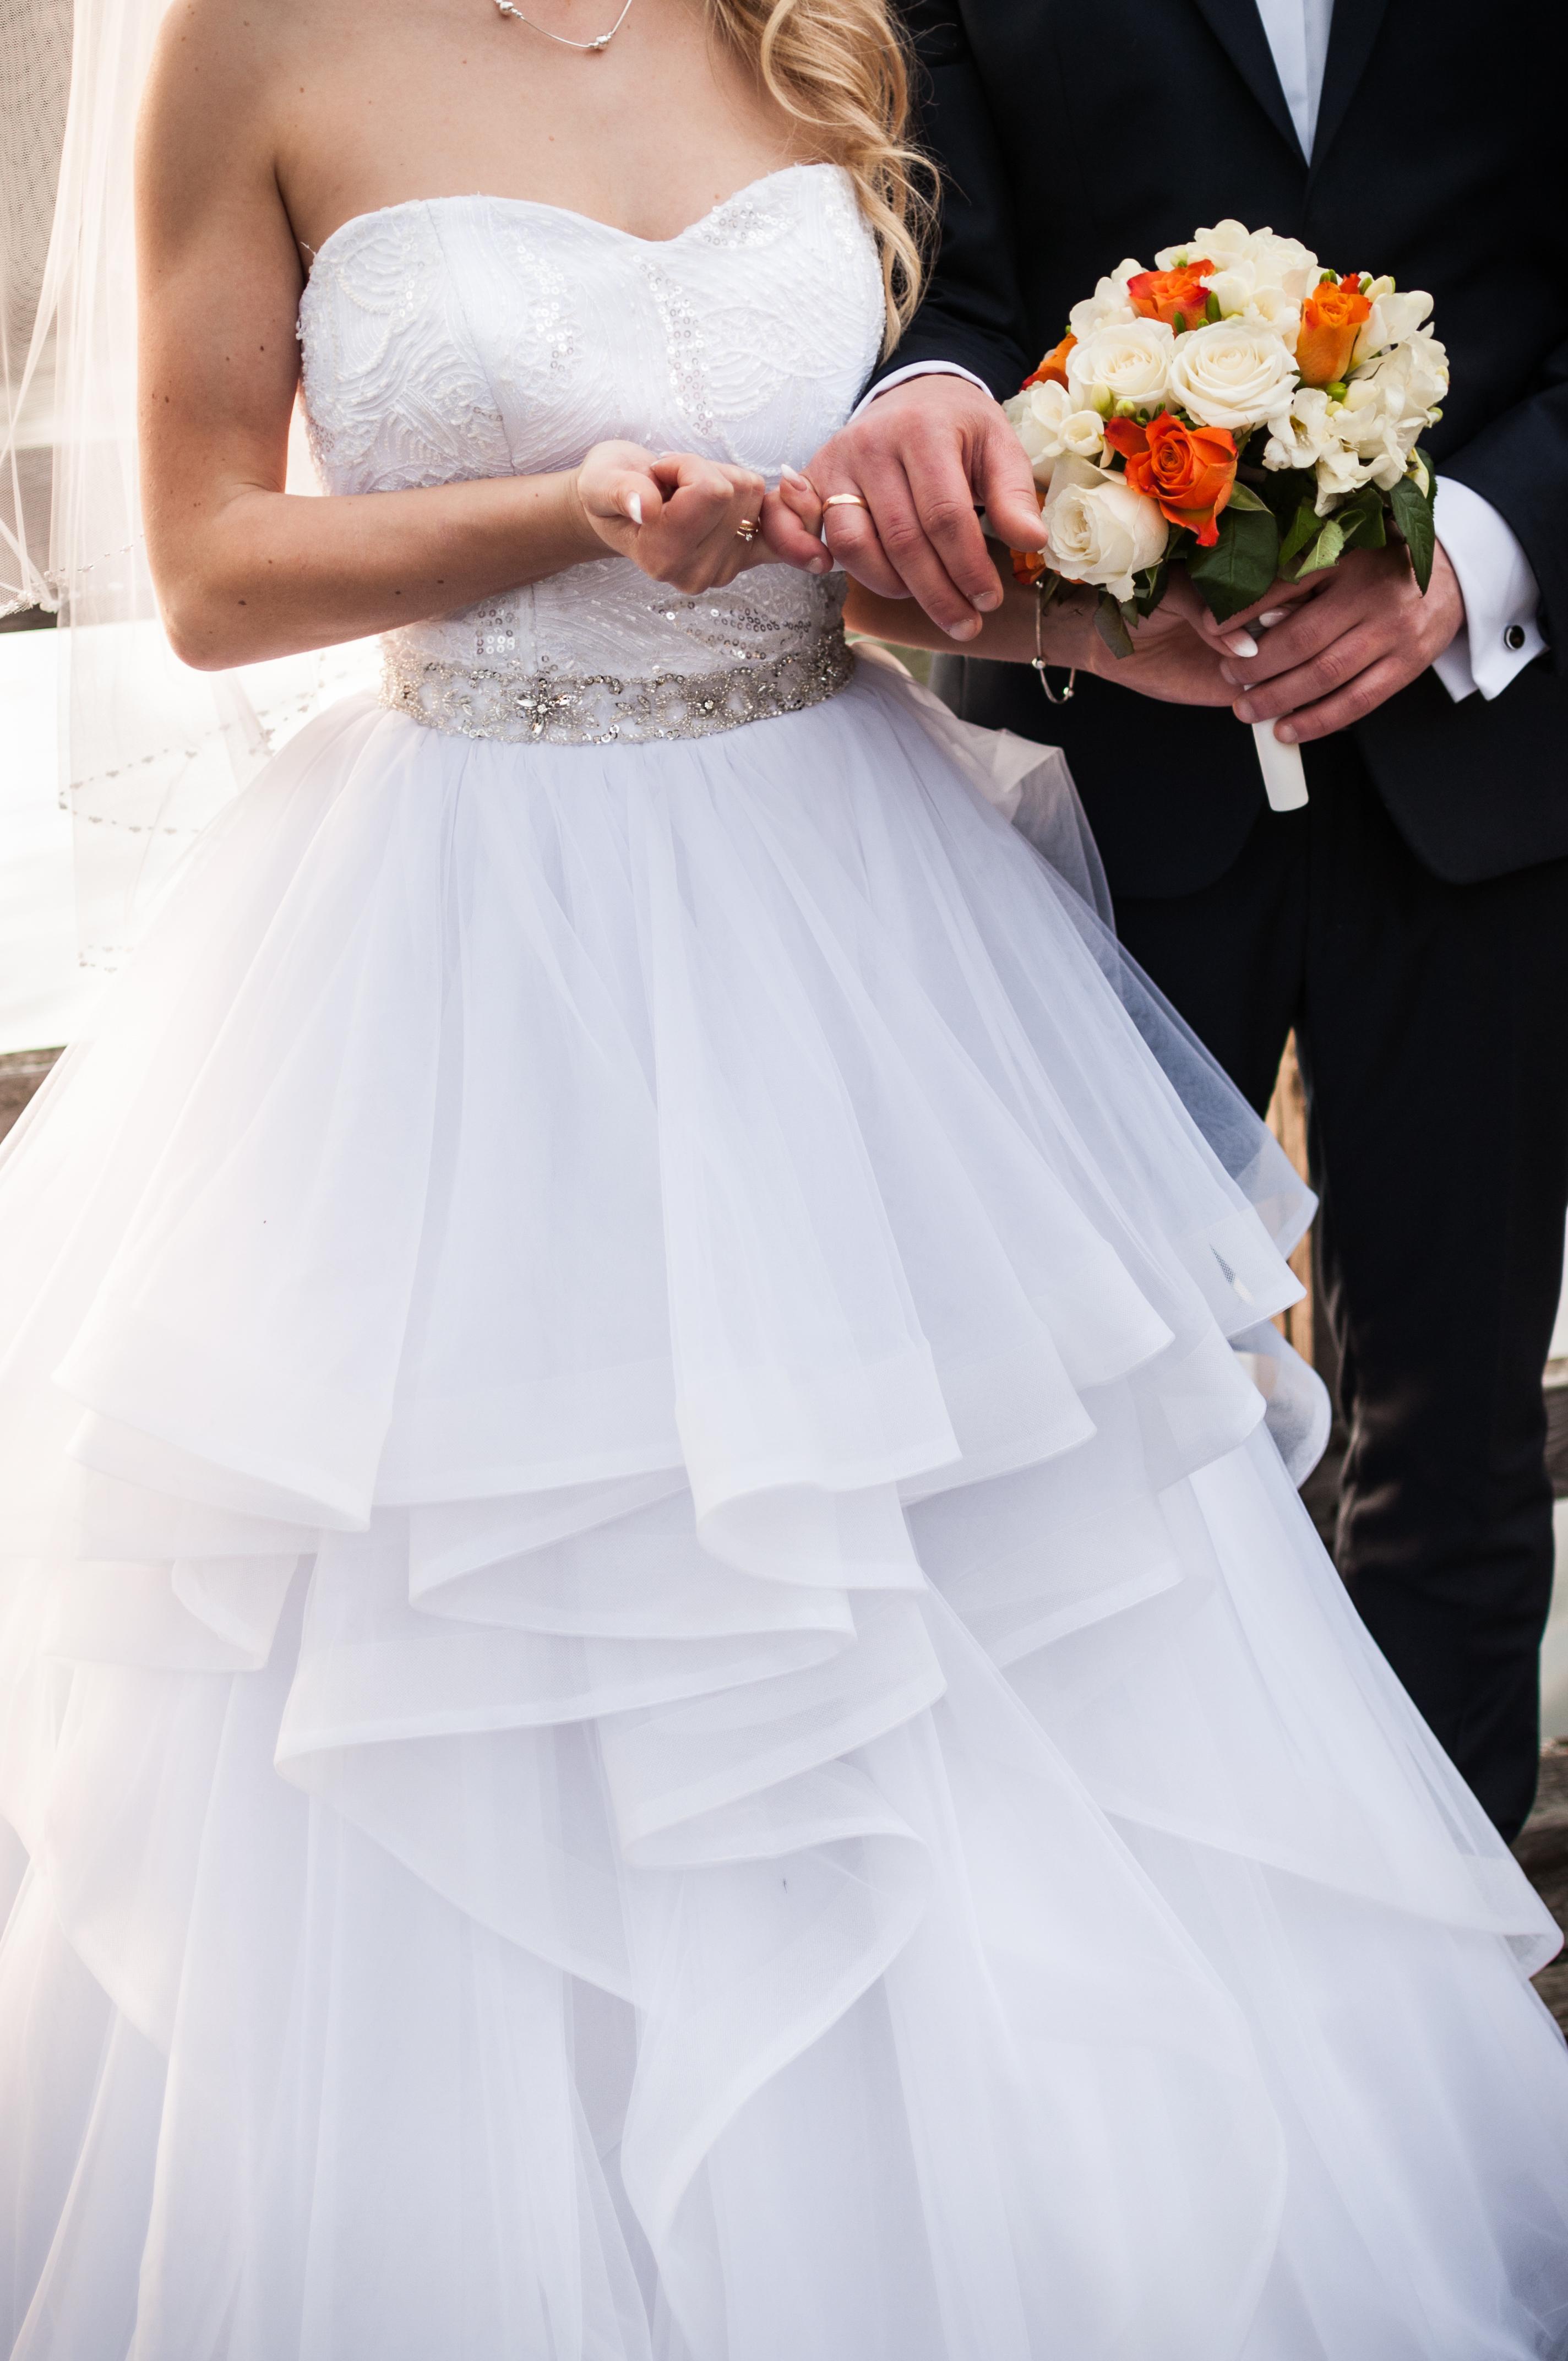 64c8571f0b Suknia ślubna Piękna suknia Nowe Miasto Lubawskie kolor  biały rozmiar  36